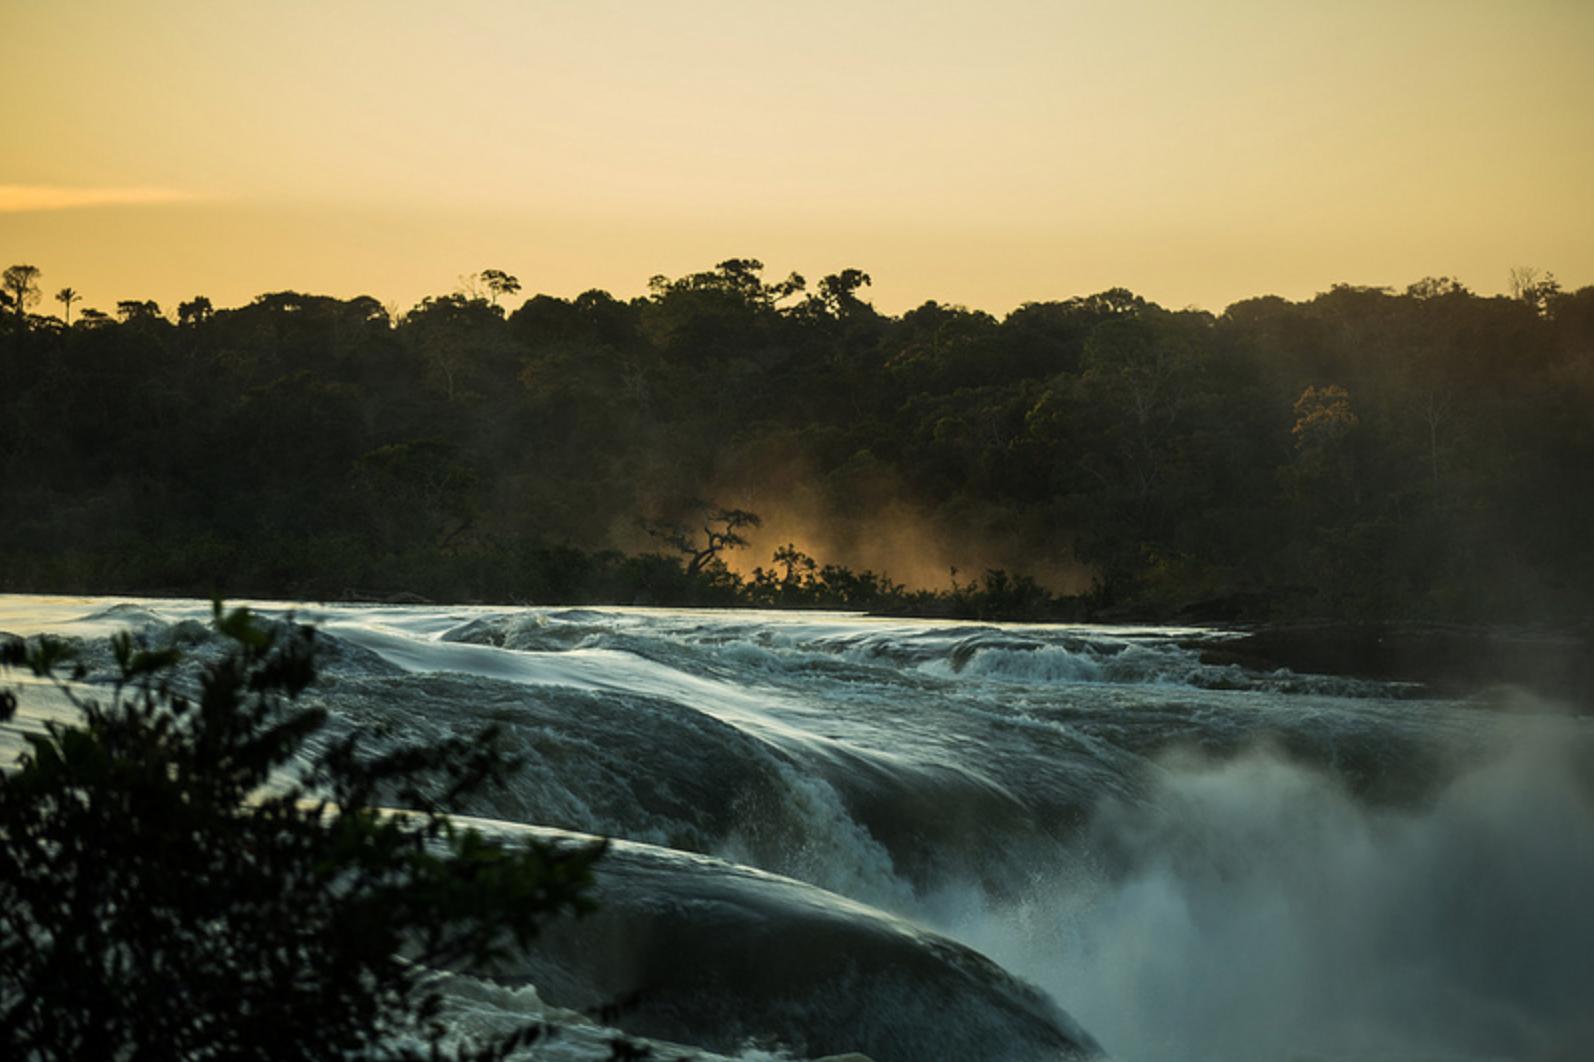 Salto Augusto, no rio Juruena. Esta cachoeira com uma queda de cerca de 20 metros consta no plano decenal da Empresa de Pesquisa Energetica (EPE) com potencial para geração de 1,4 mil MW. A previsão é construir uma hidrelétrica até o ano 2025. (foto: Thiago Foresti/Forest Comunicação).